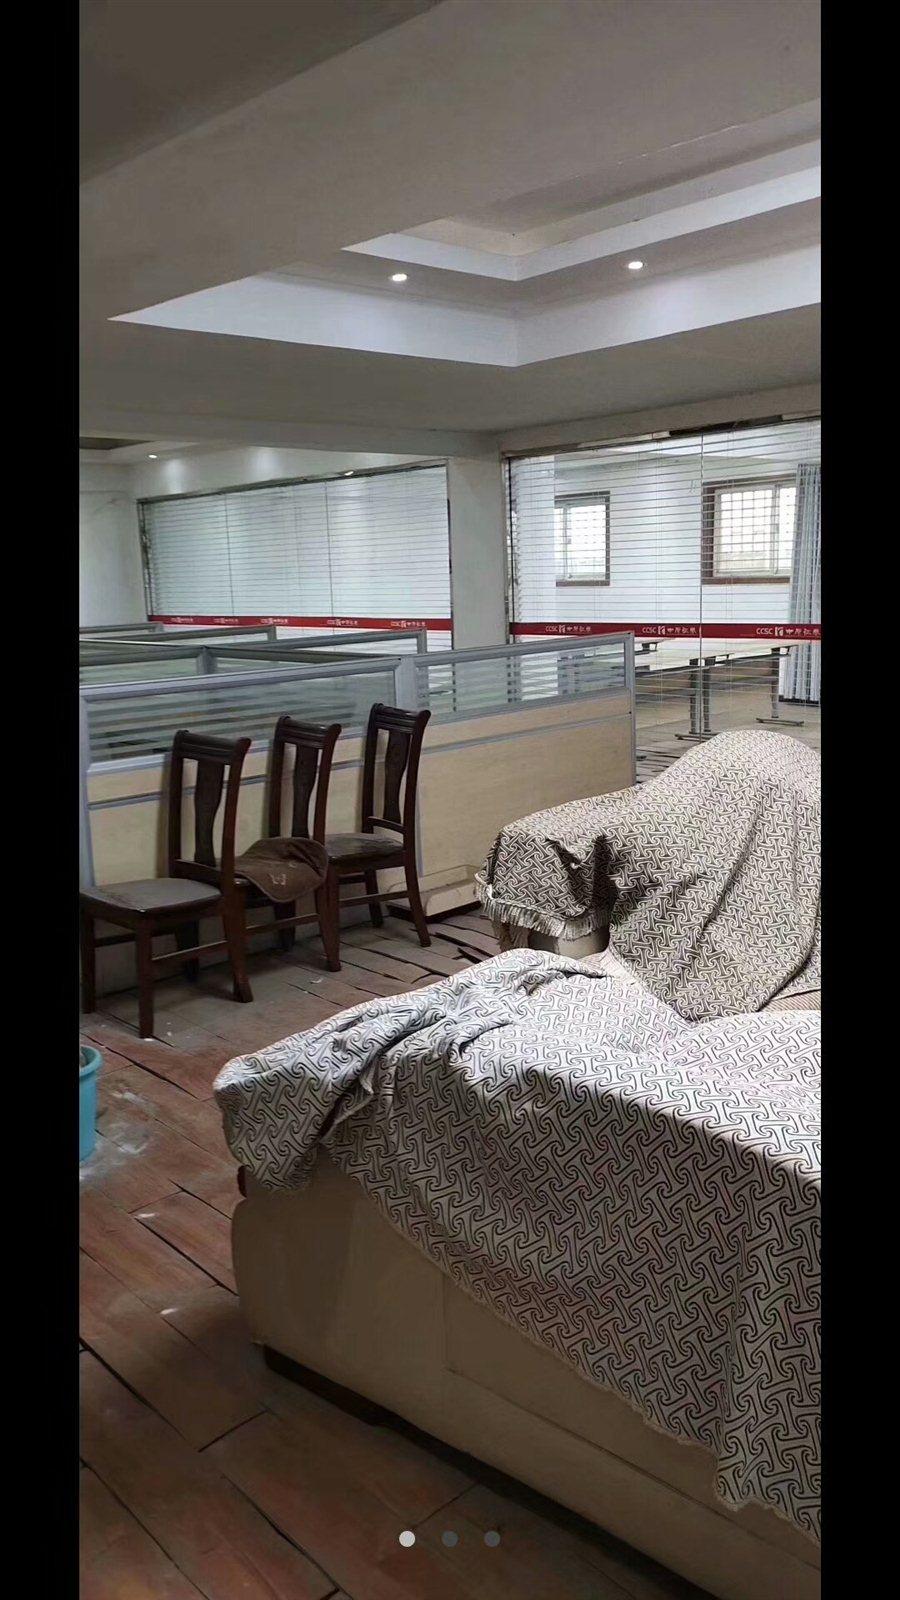 售黛眉广场旁4室 2厅 2卫35万元首付